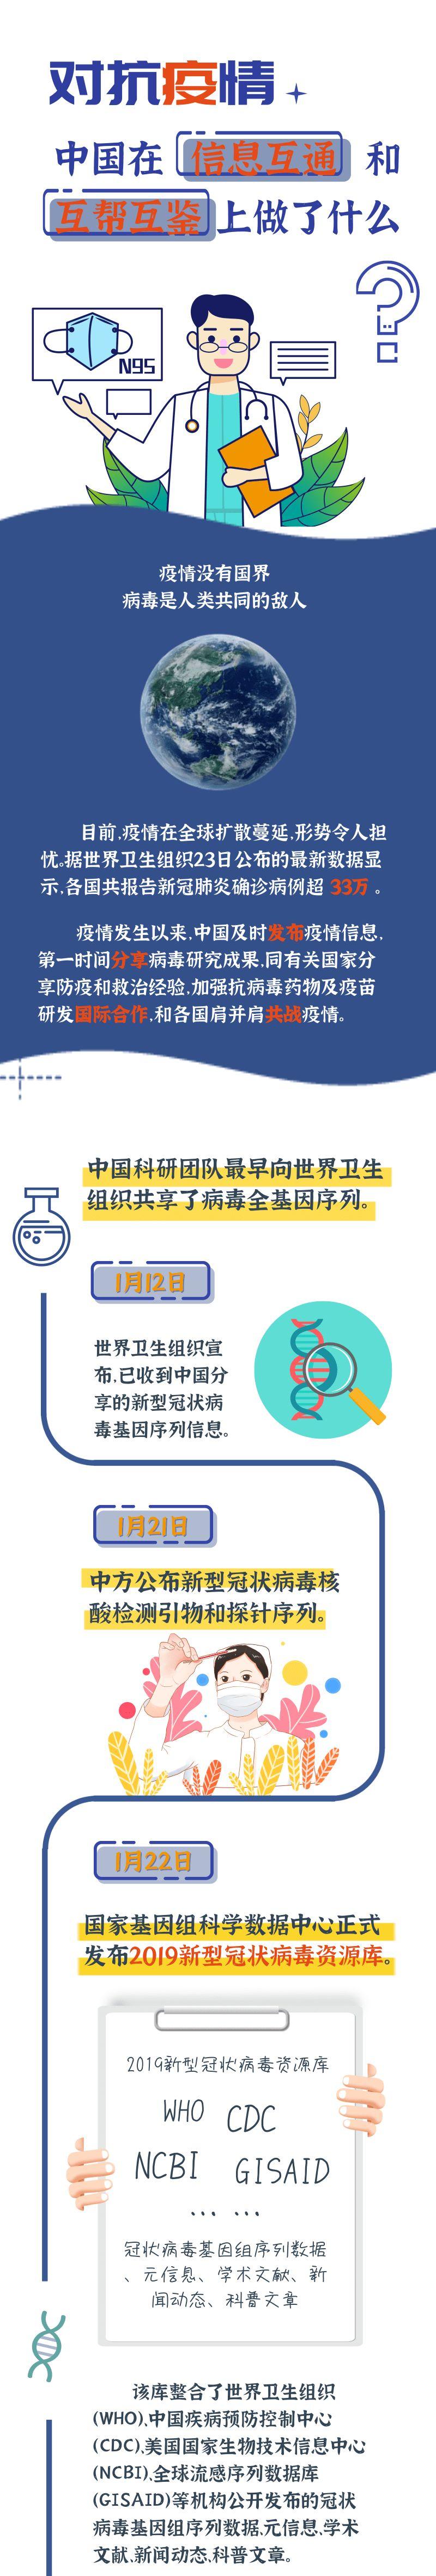 #疫情#中国在信息互通和互帮互鉴上做了什么,对抗疫情